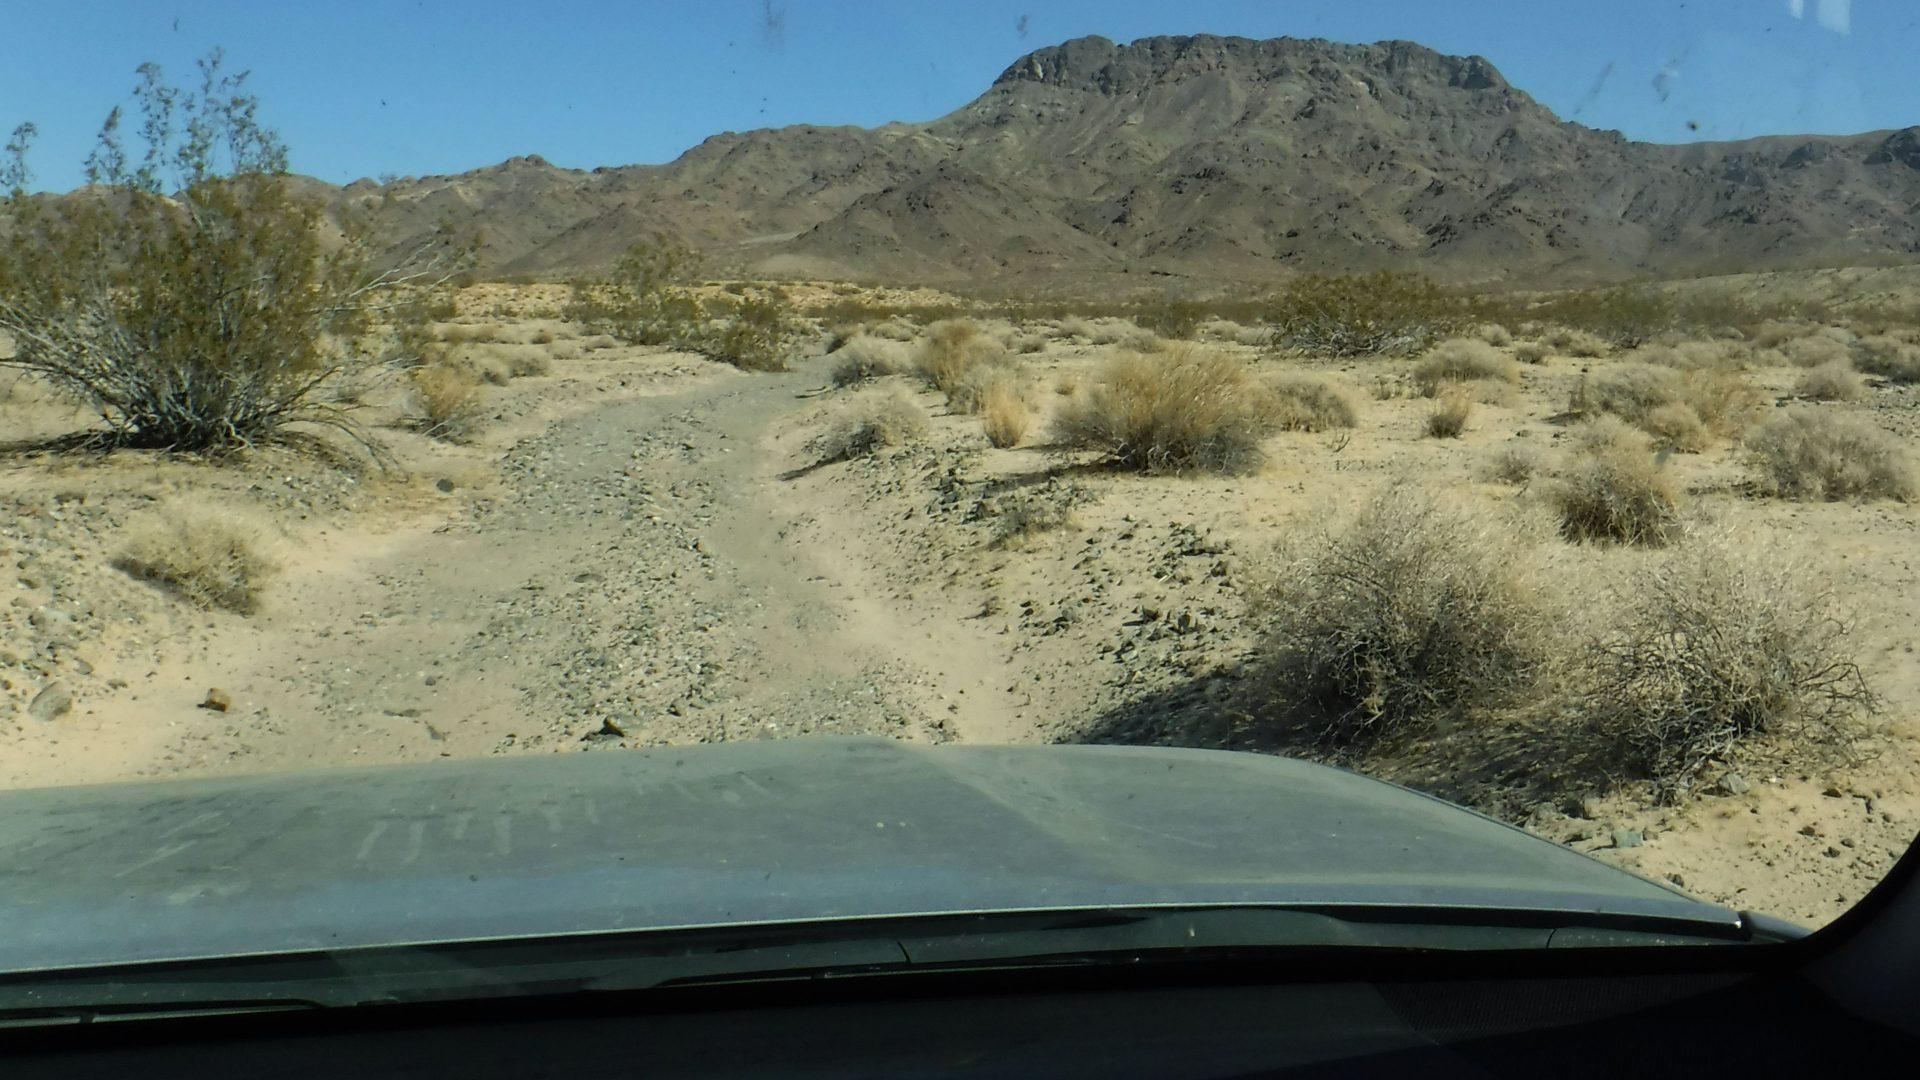 Desert road viewed through windshield